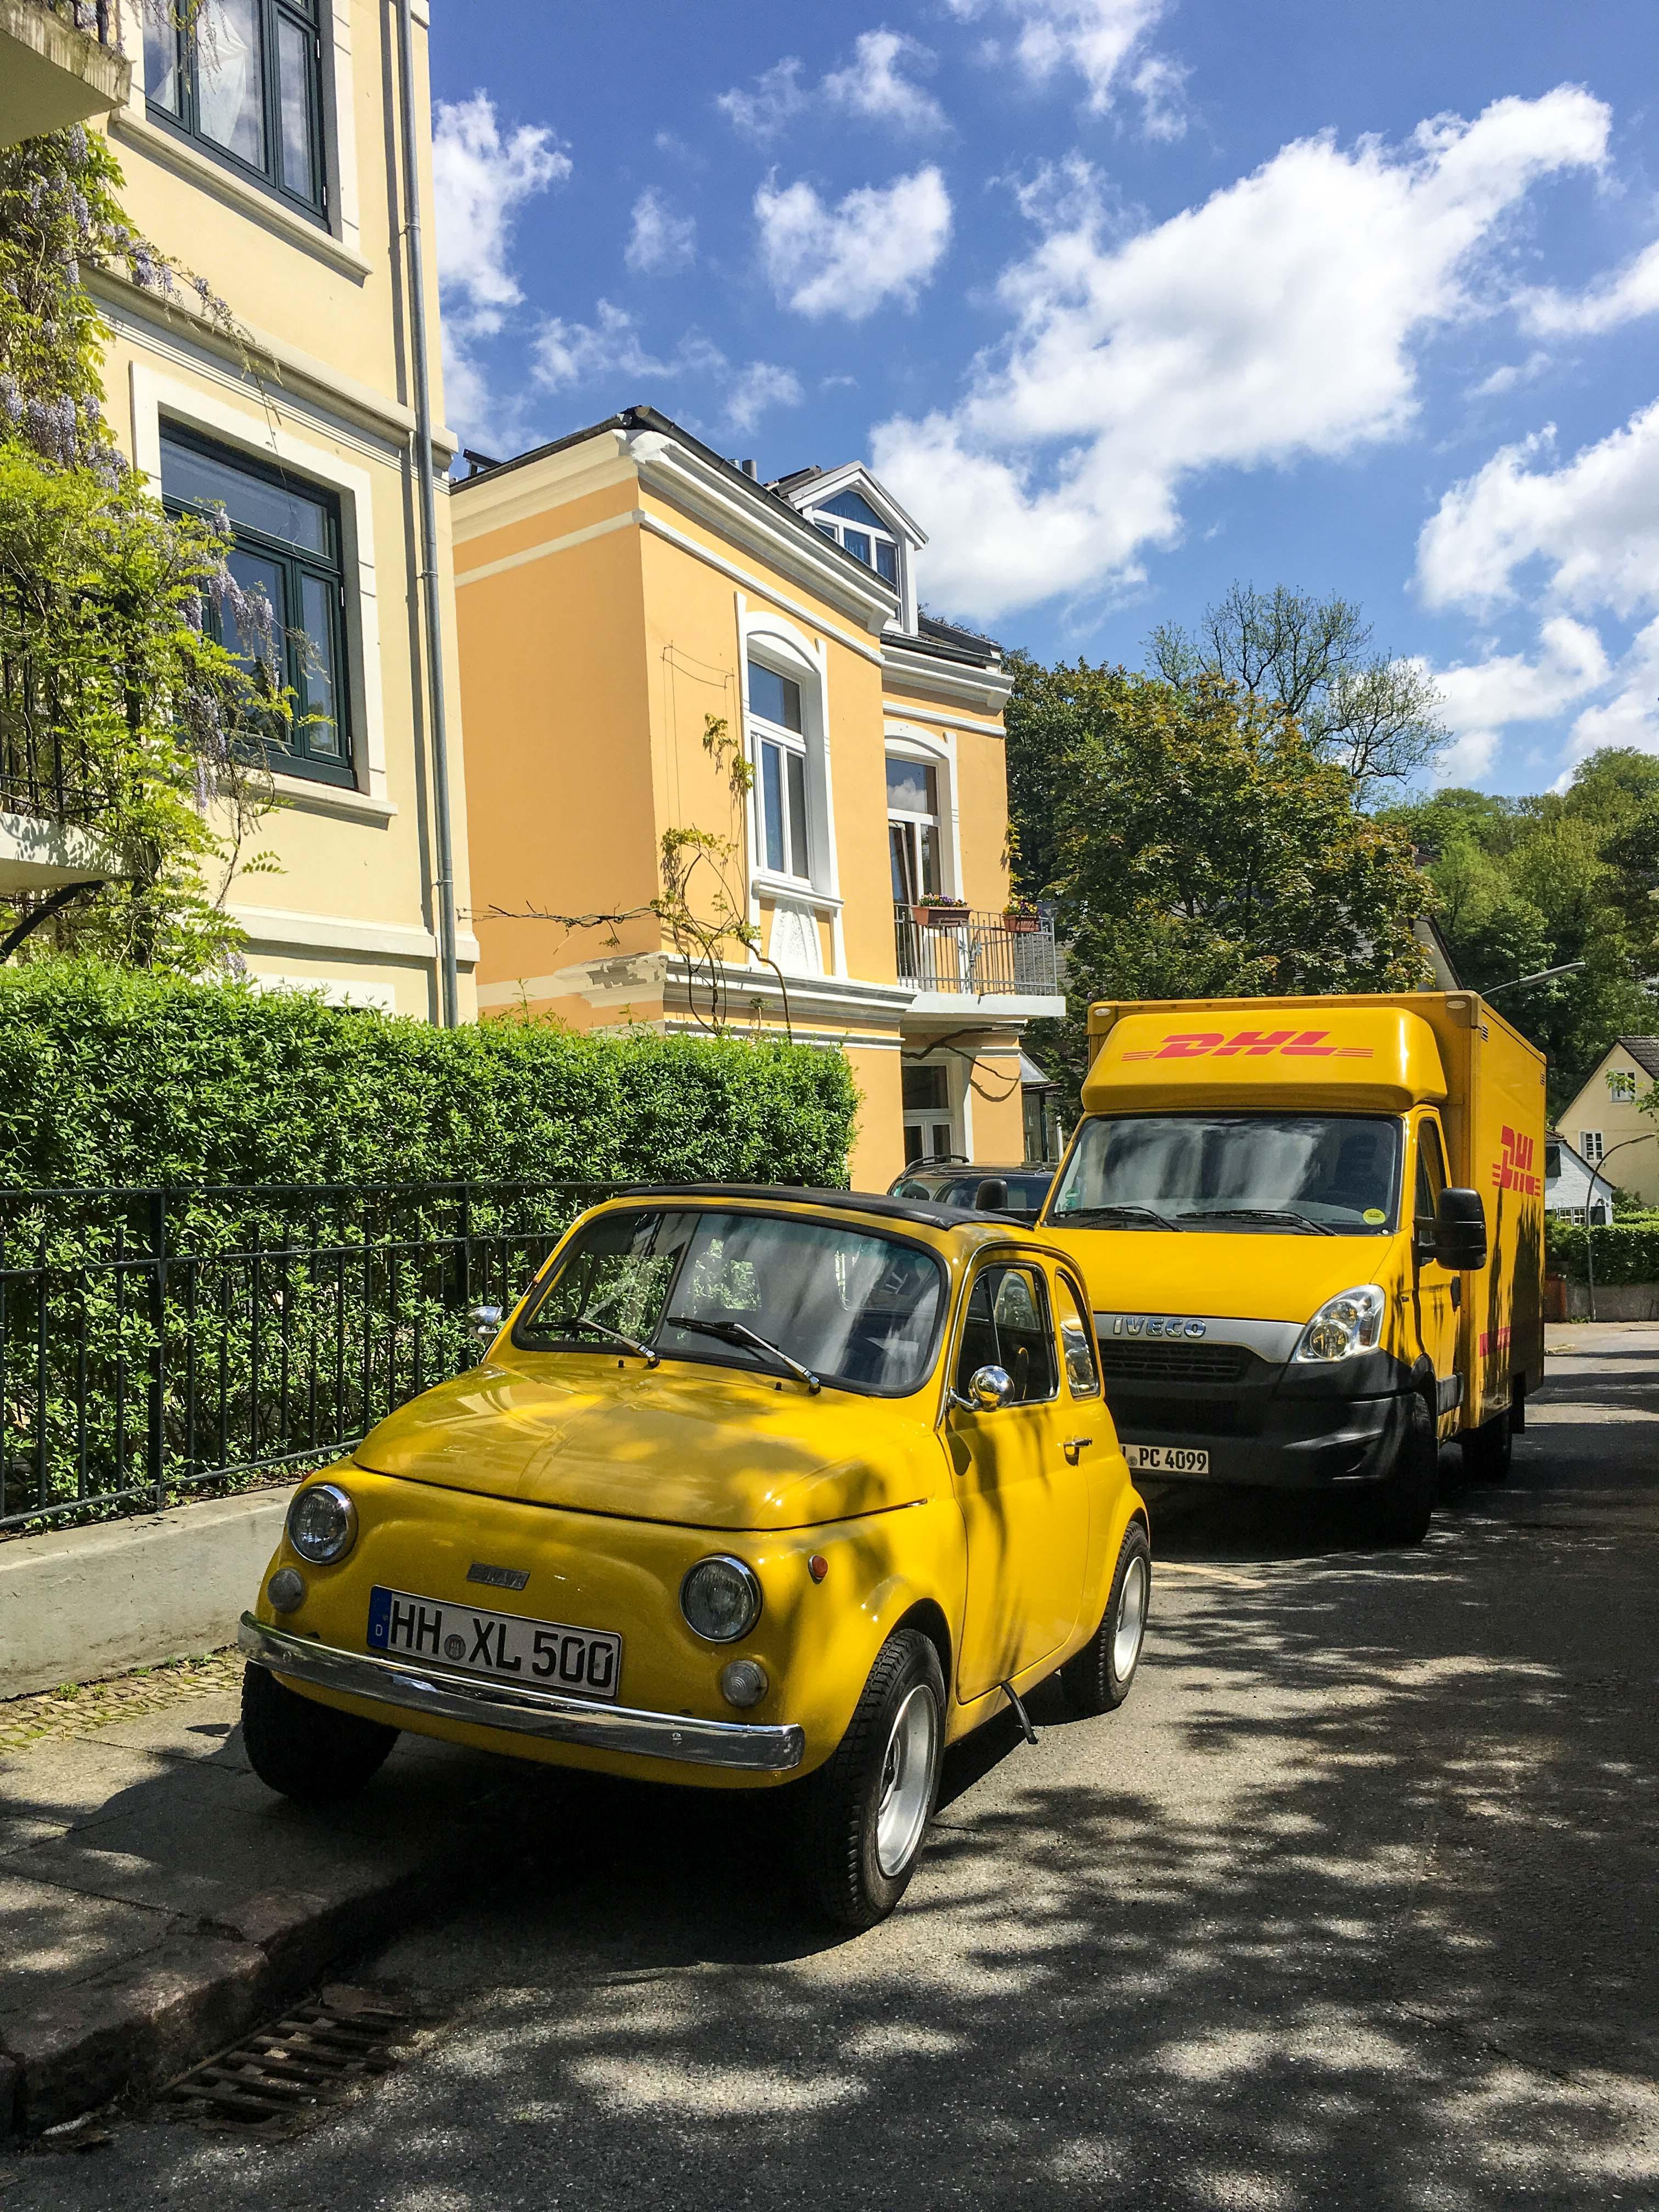 Fiat 500 und Postauto gelb